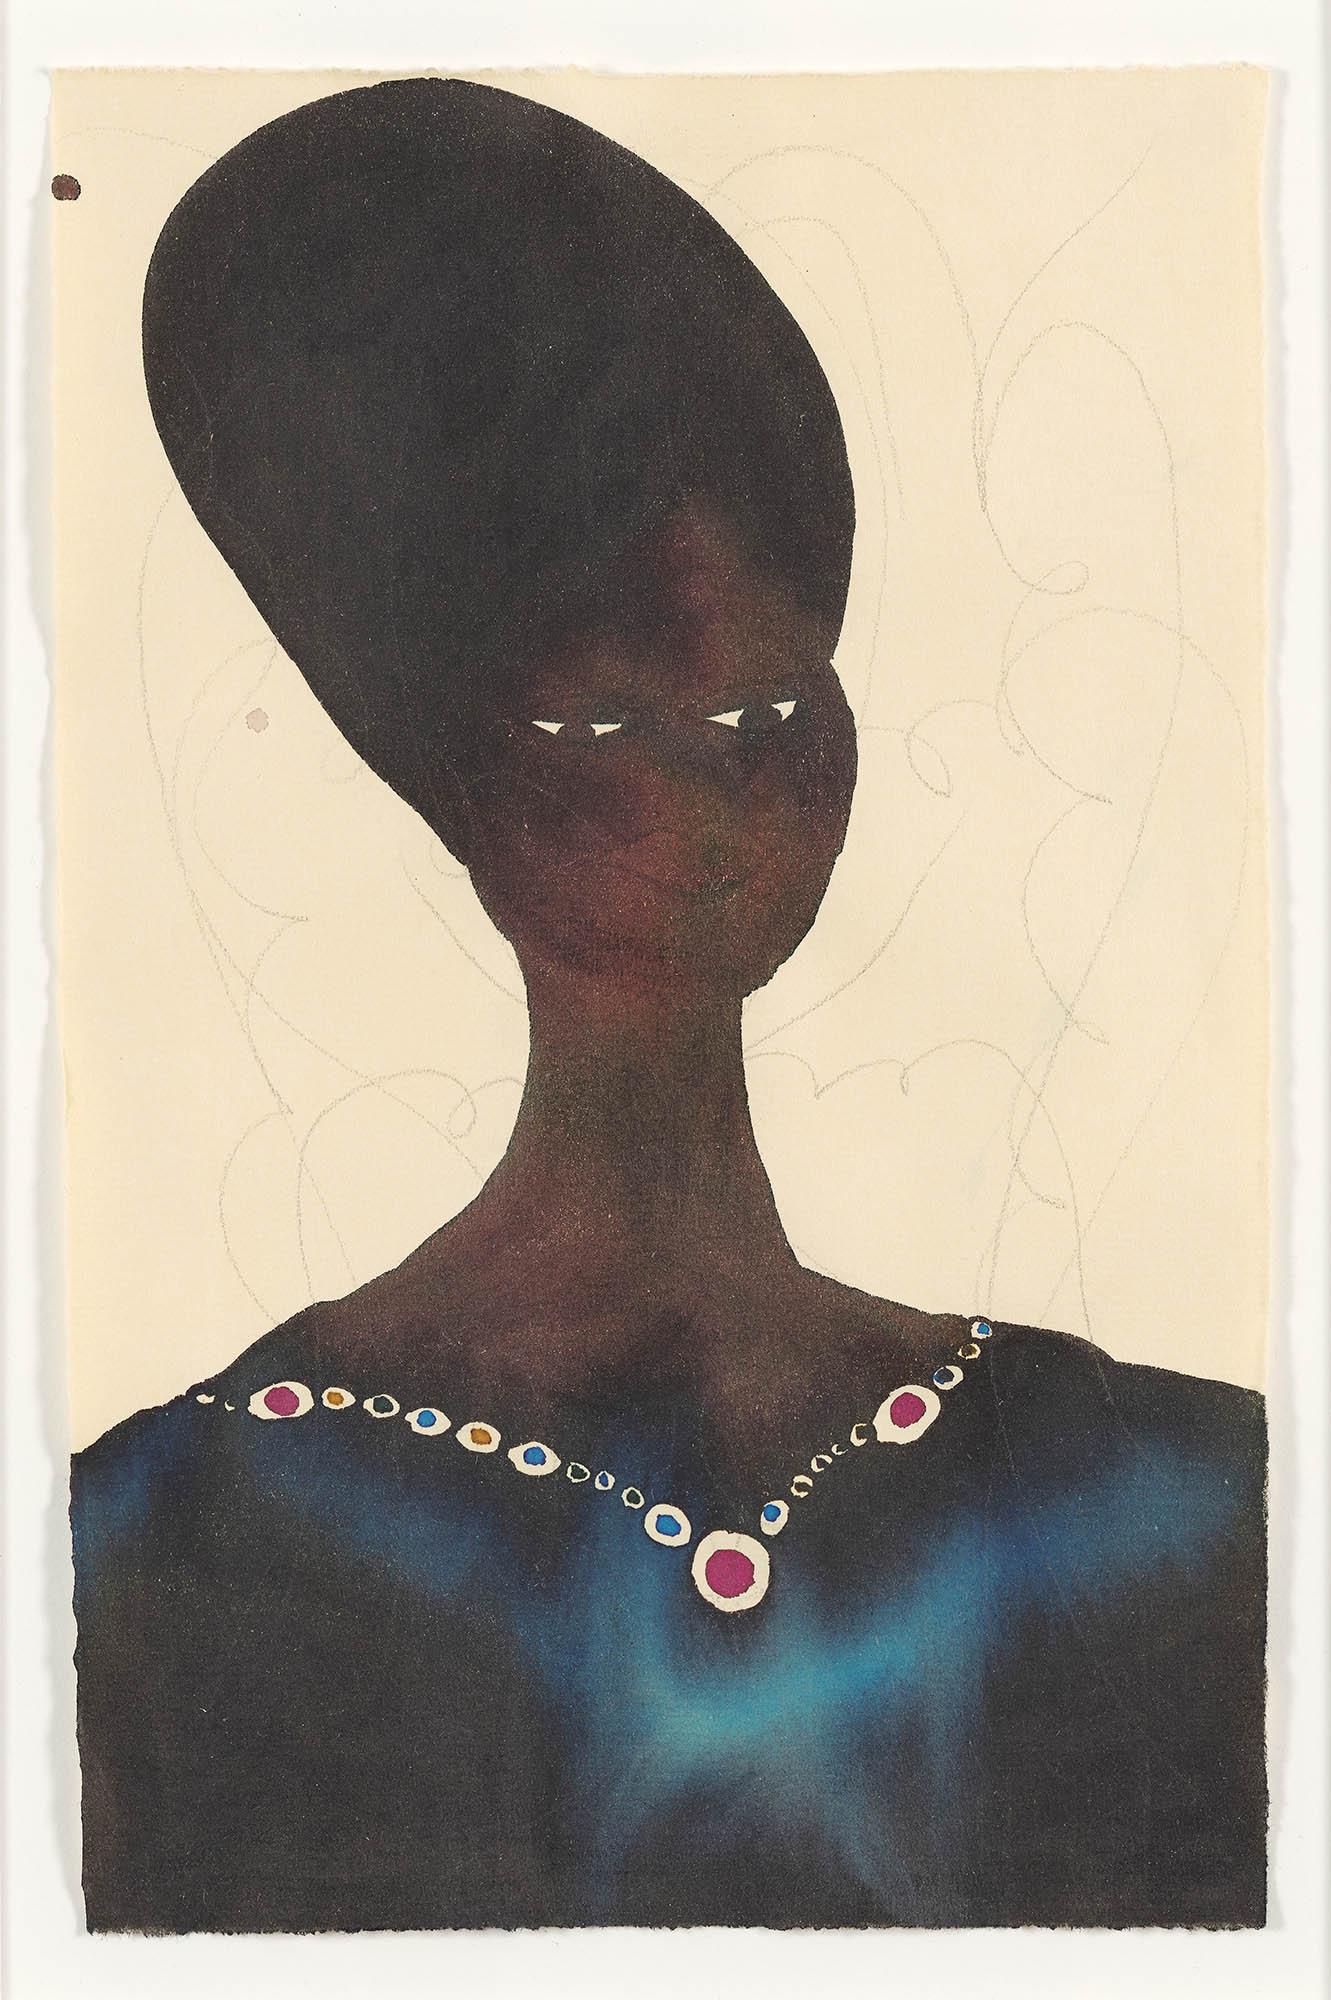 Image of Chris Ofili, Untitled, 2003